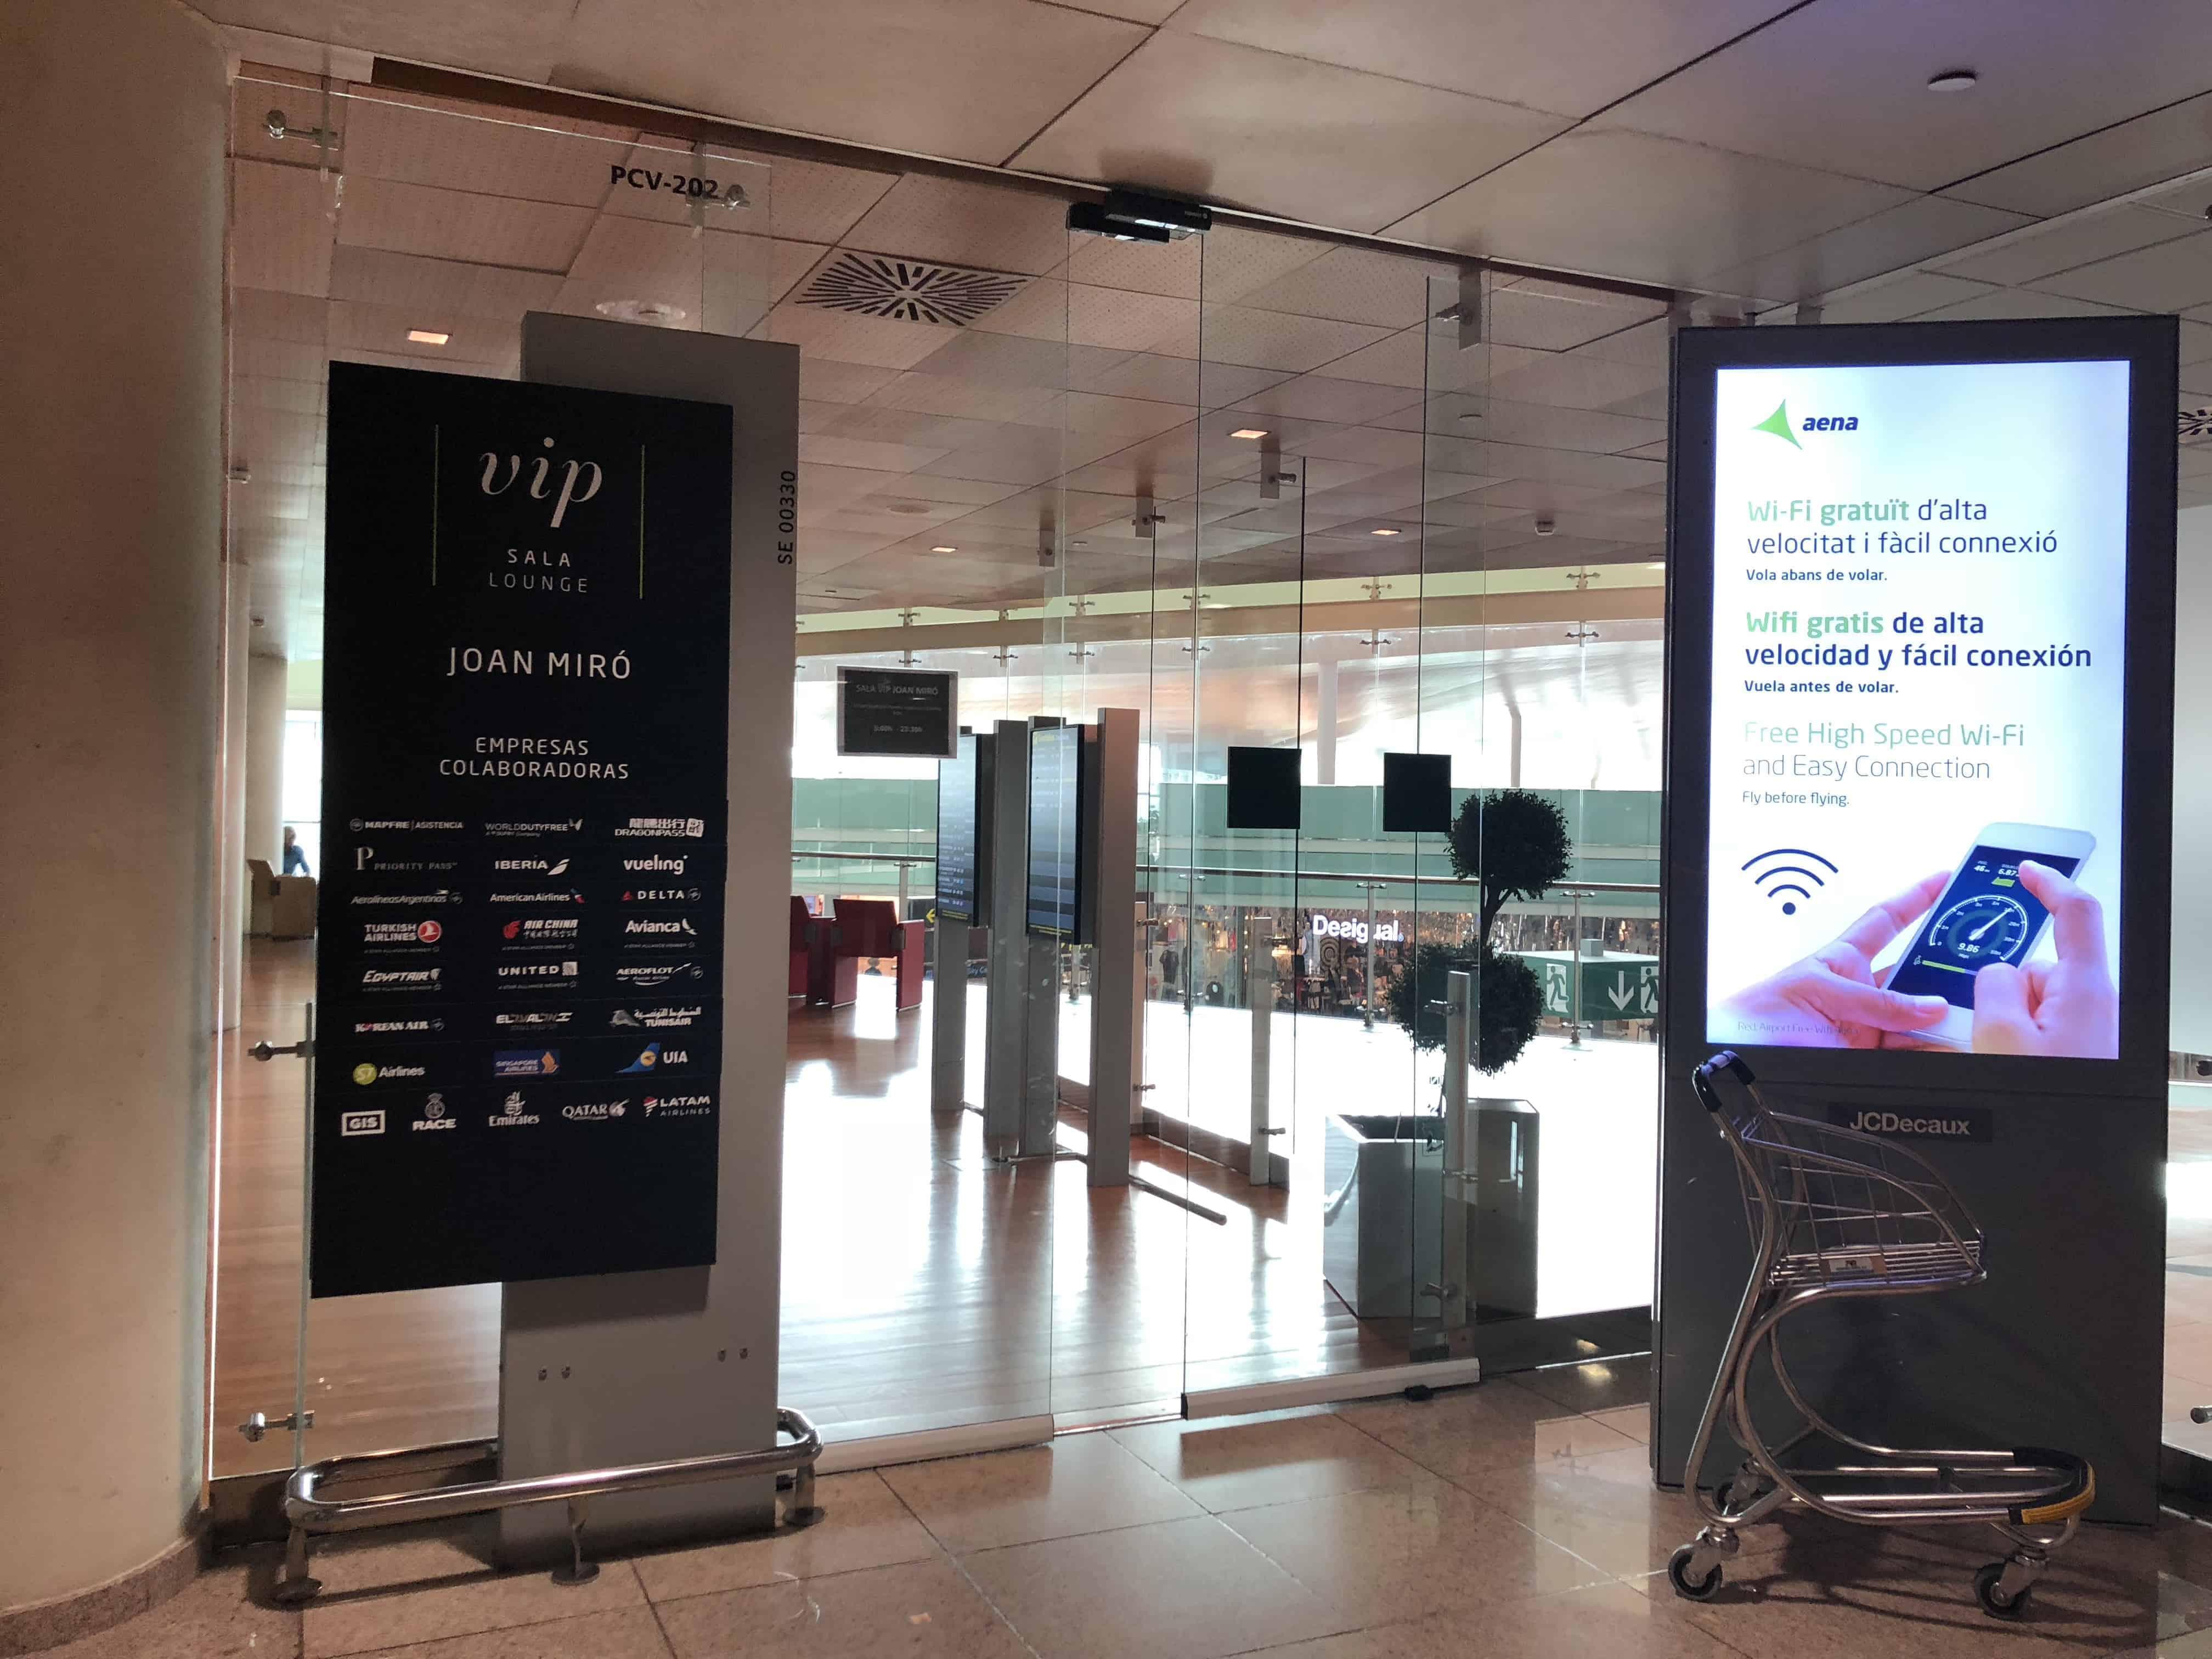 Der Eingang zur Miro Lounge am Flughafen Barcelona El-Prat